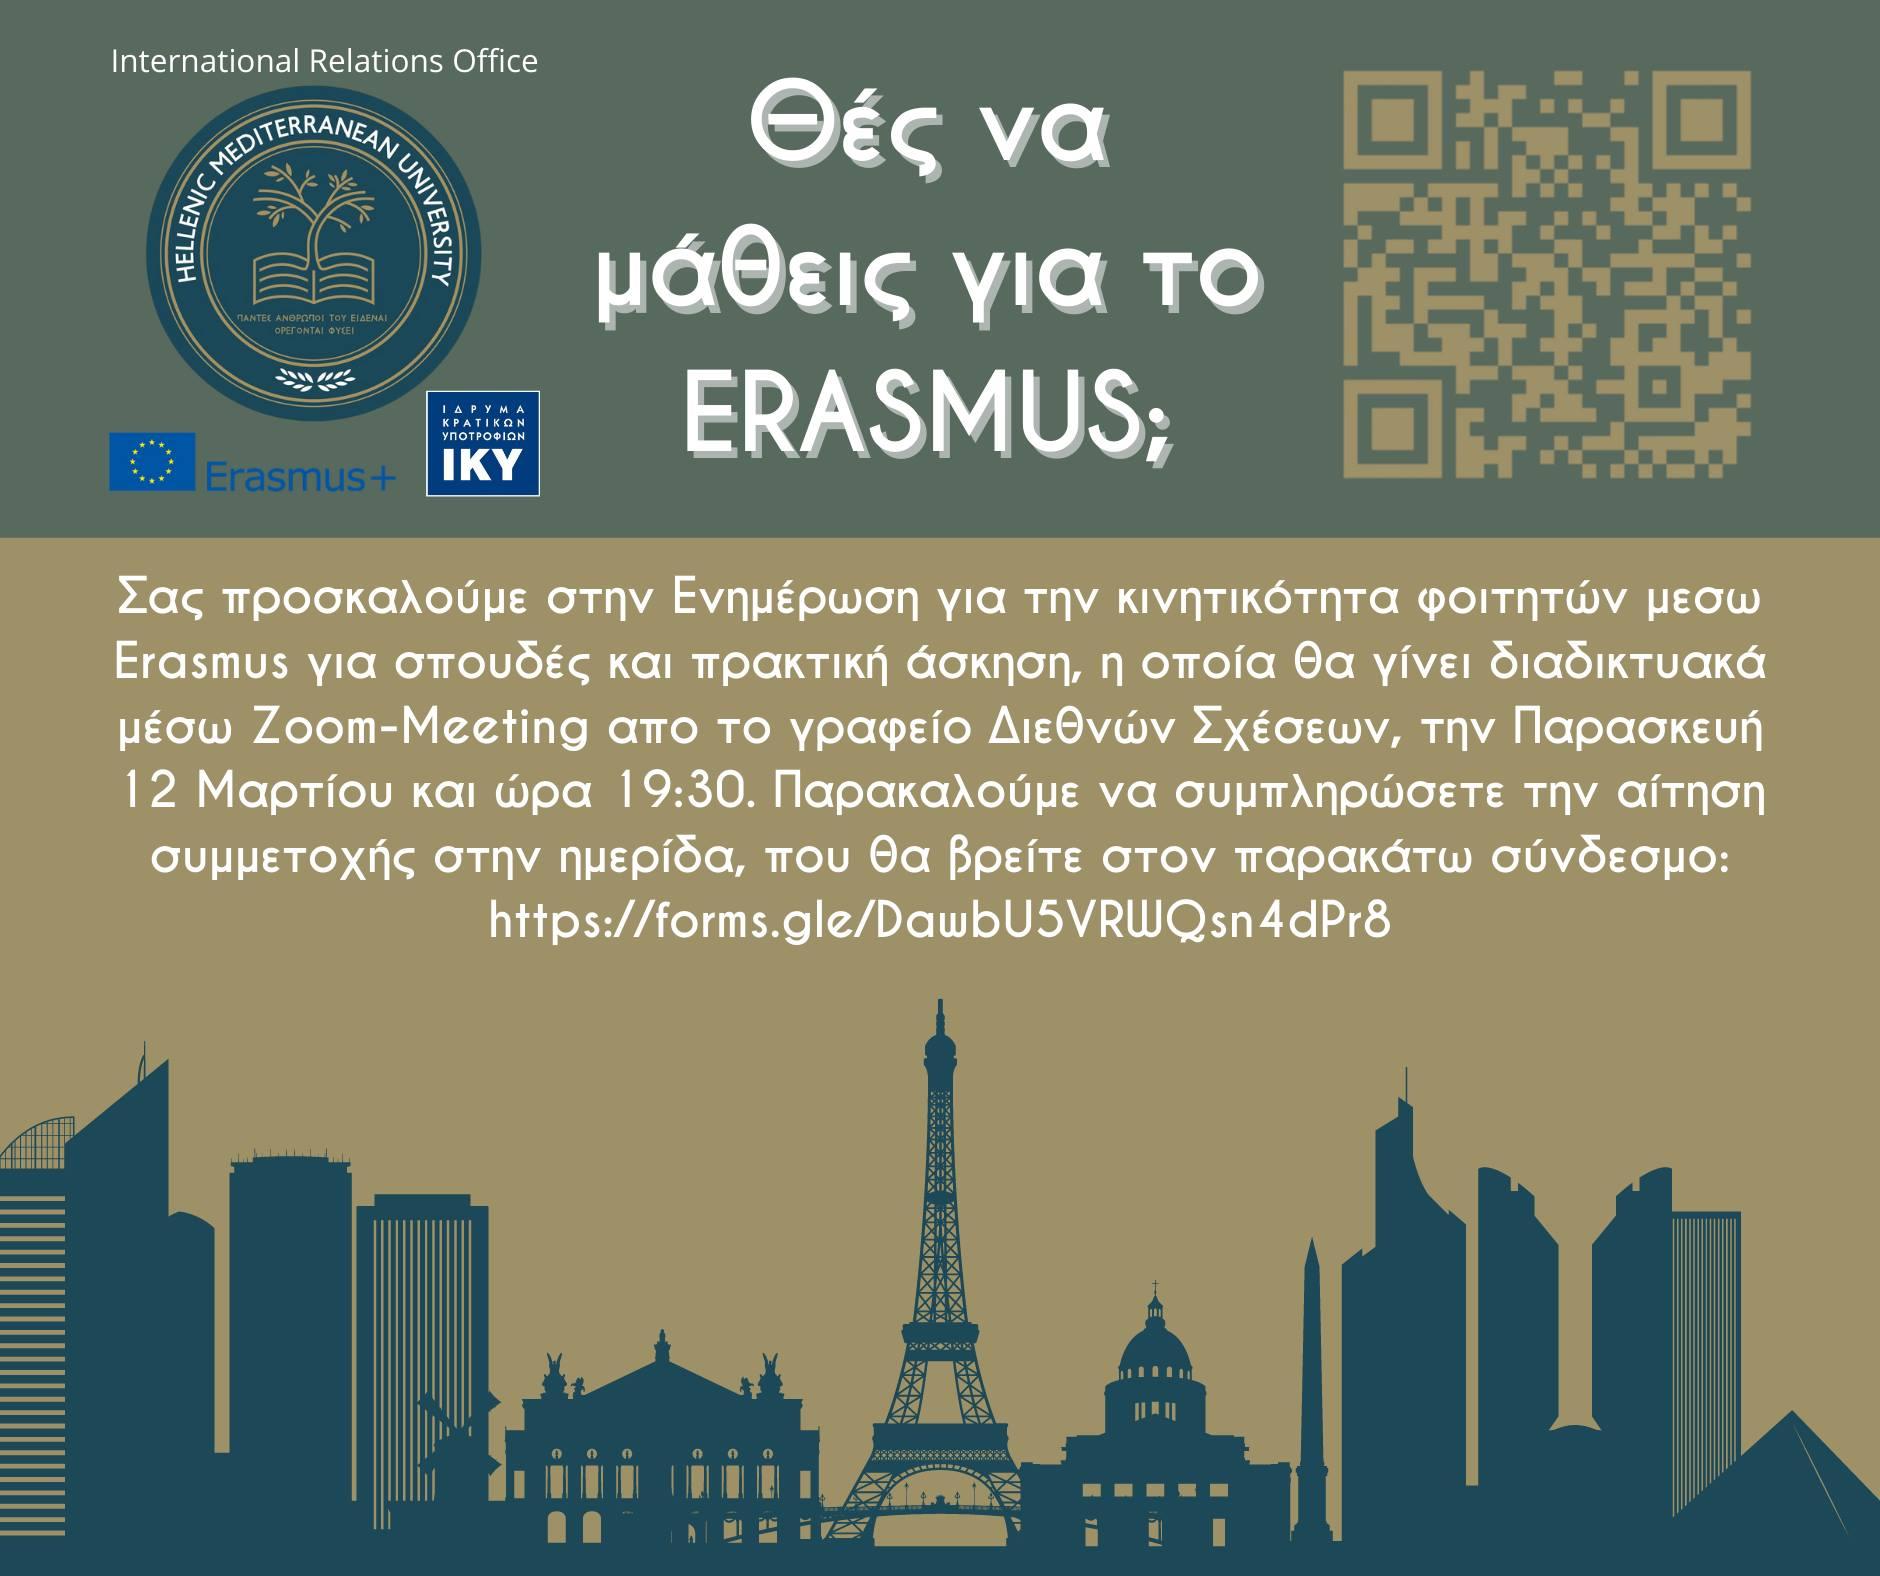 Ενημέρωση Erasmus για προπτυχιακούς και μεταπτυχιακούς φοιτητές.